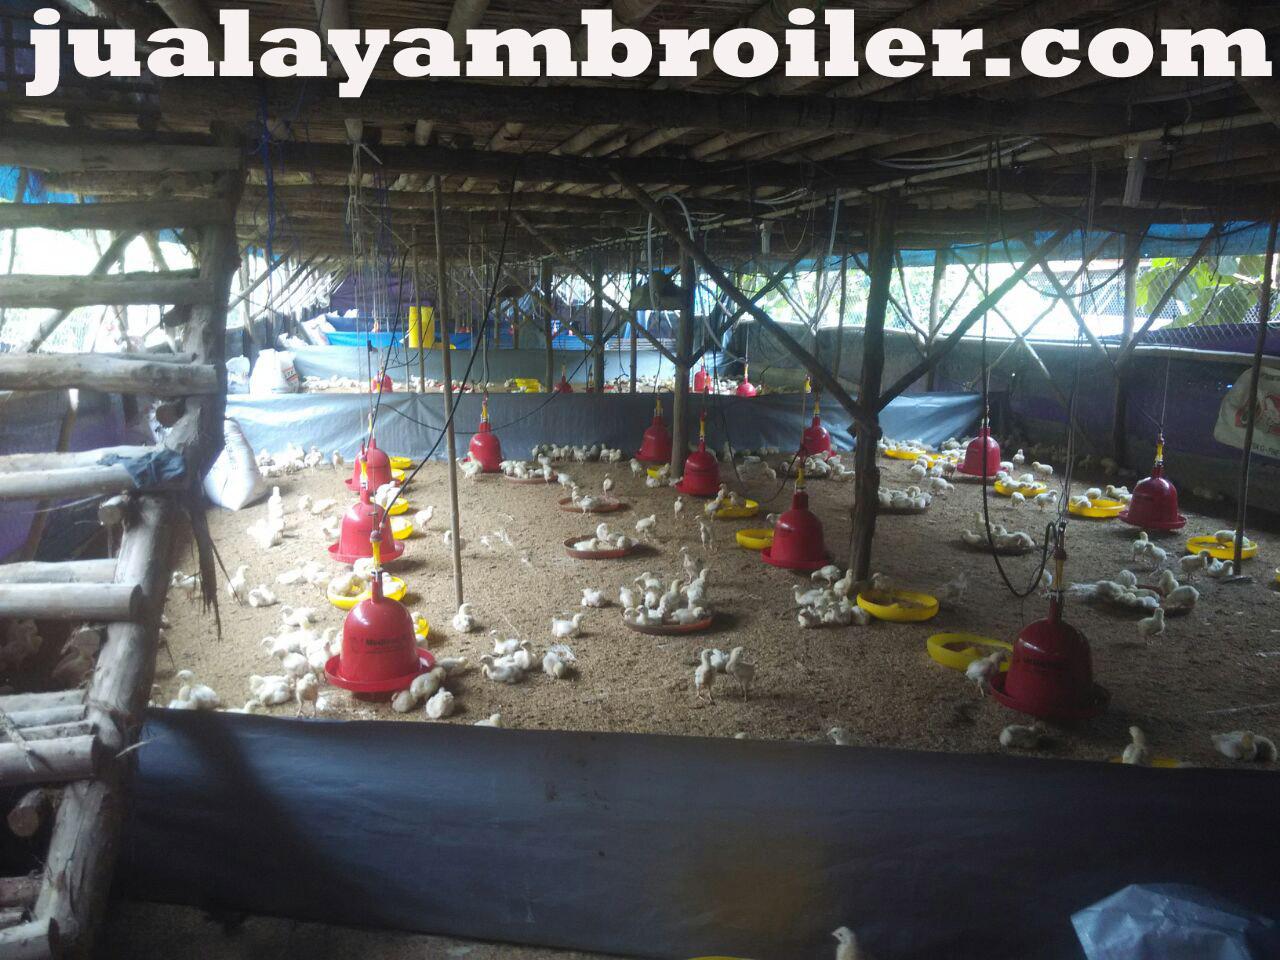 Jual Ayam Broiler di Pondok Kopi Jakarta Timur